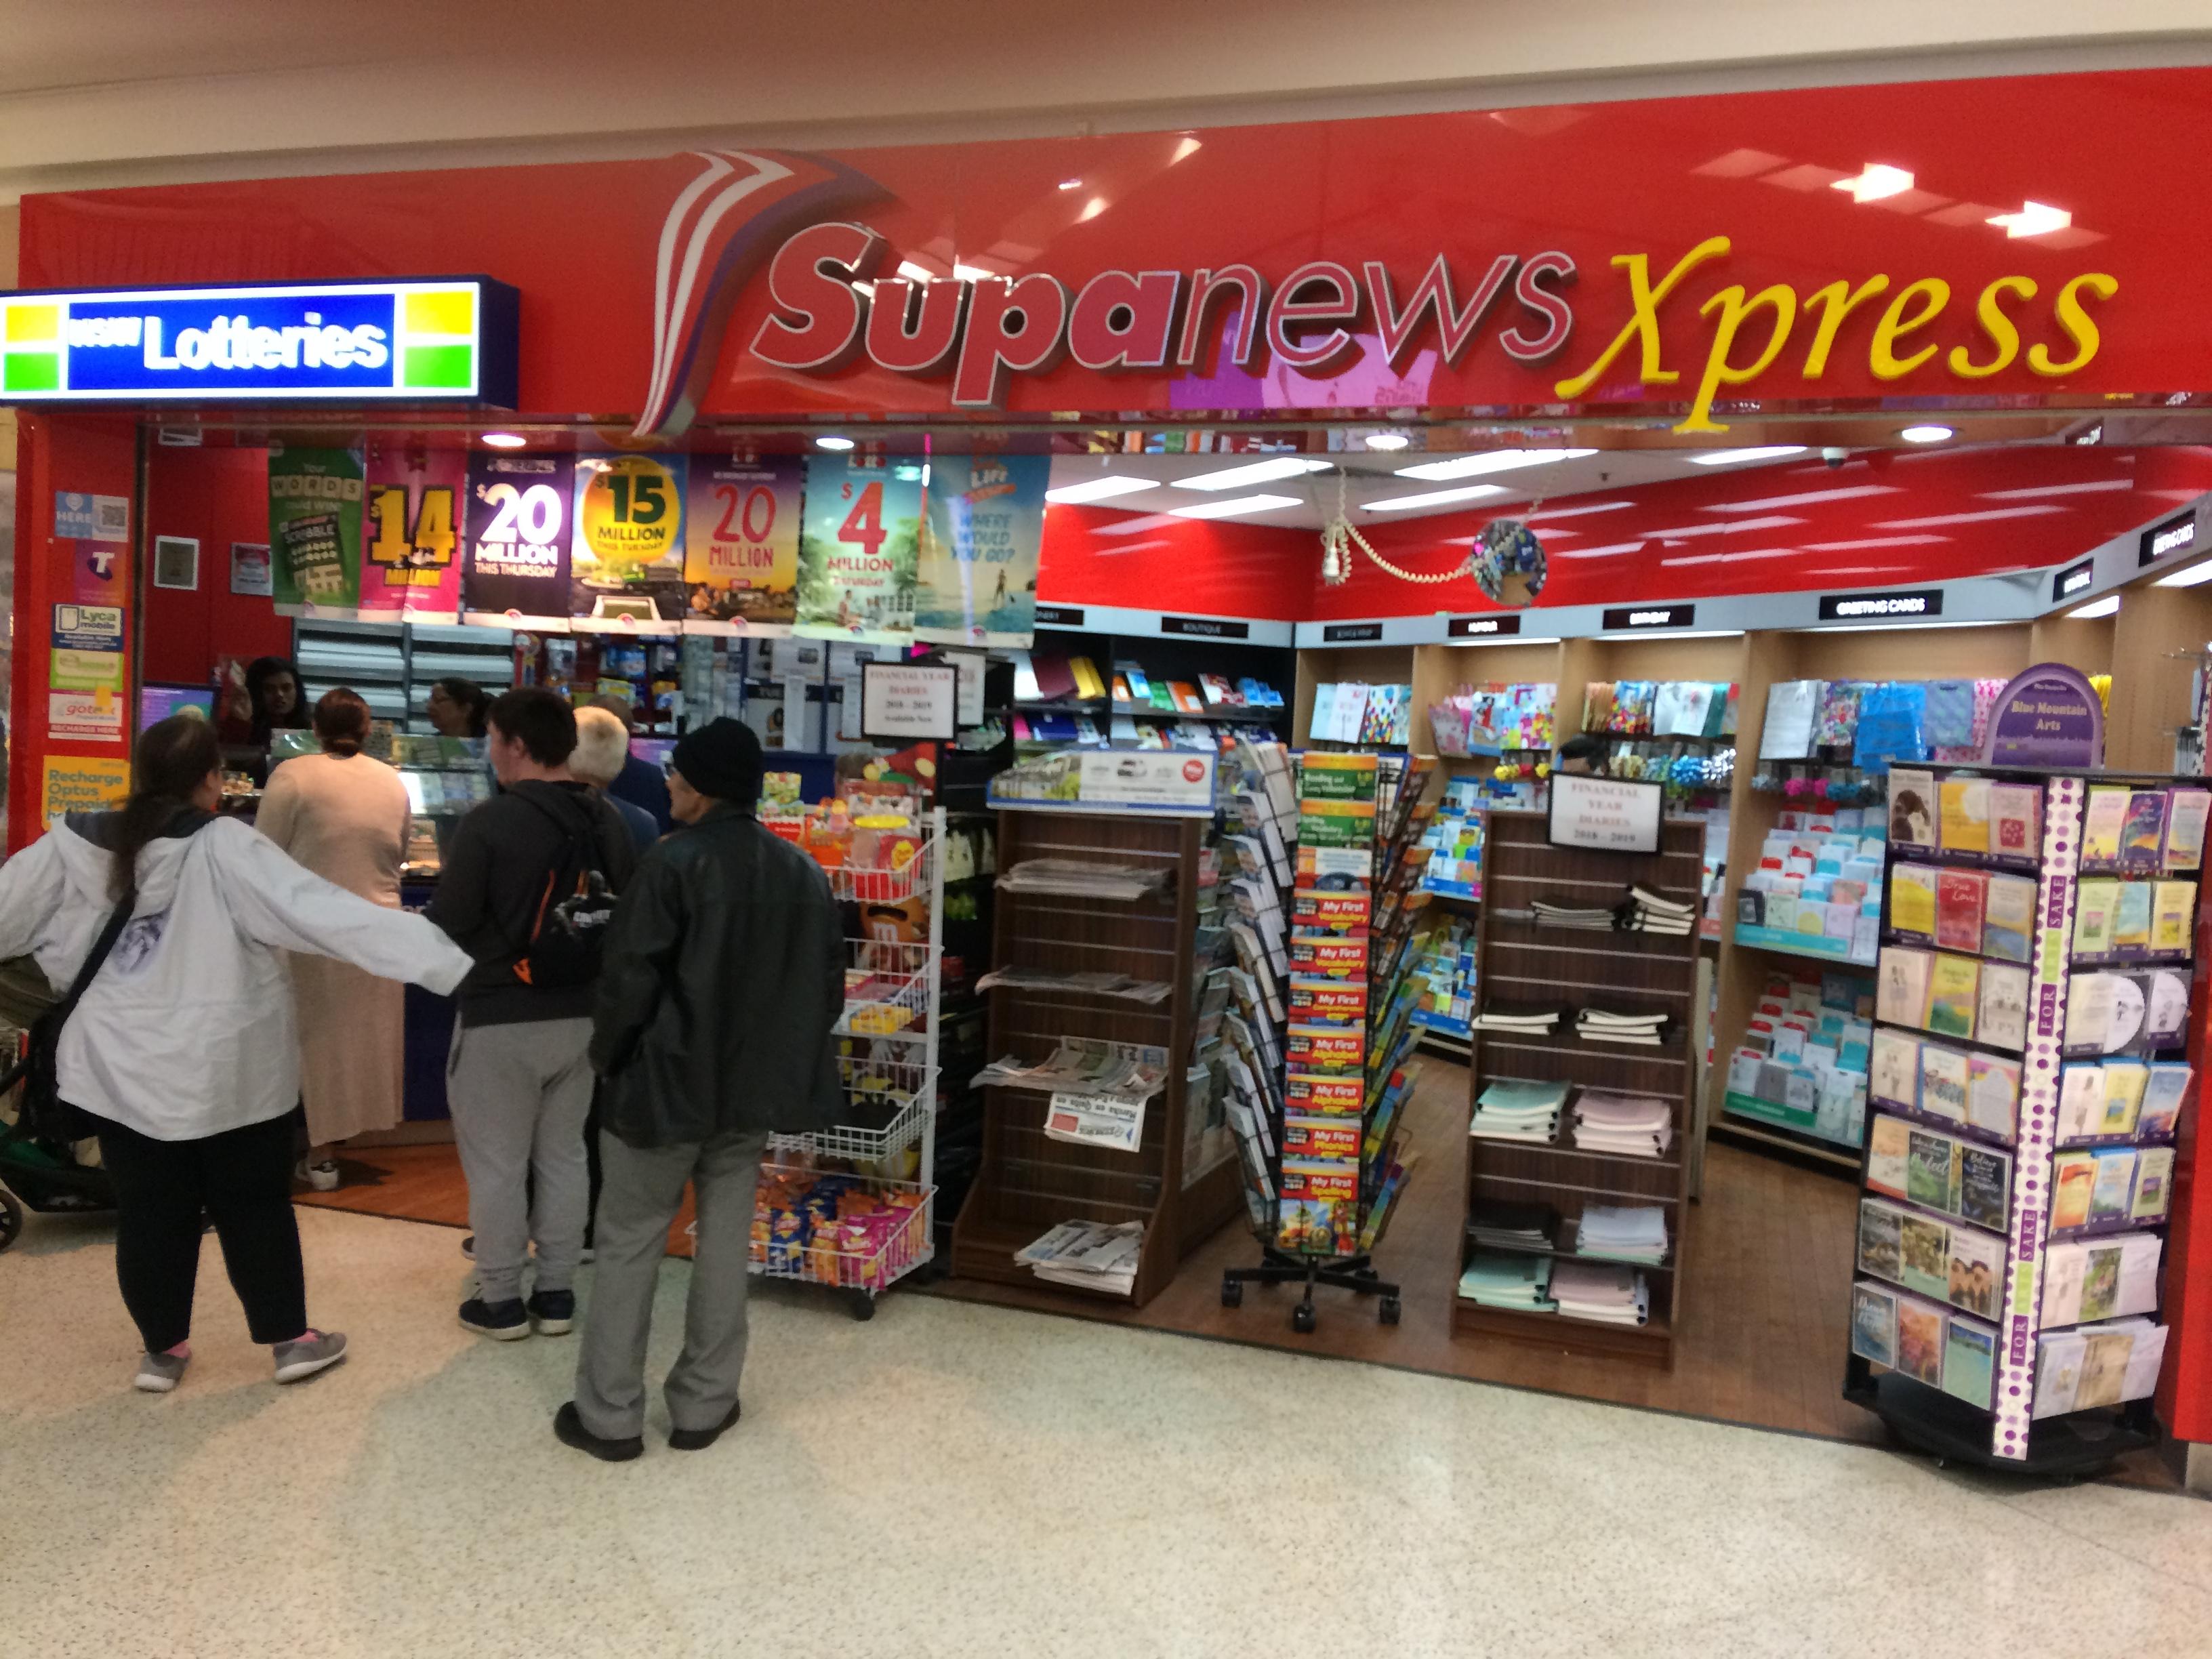 Established retail franchise for sale, Supanews  Bankstown Express